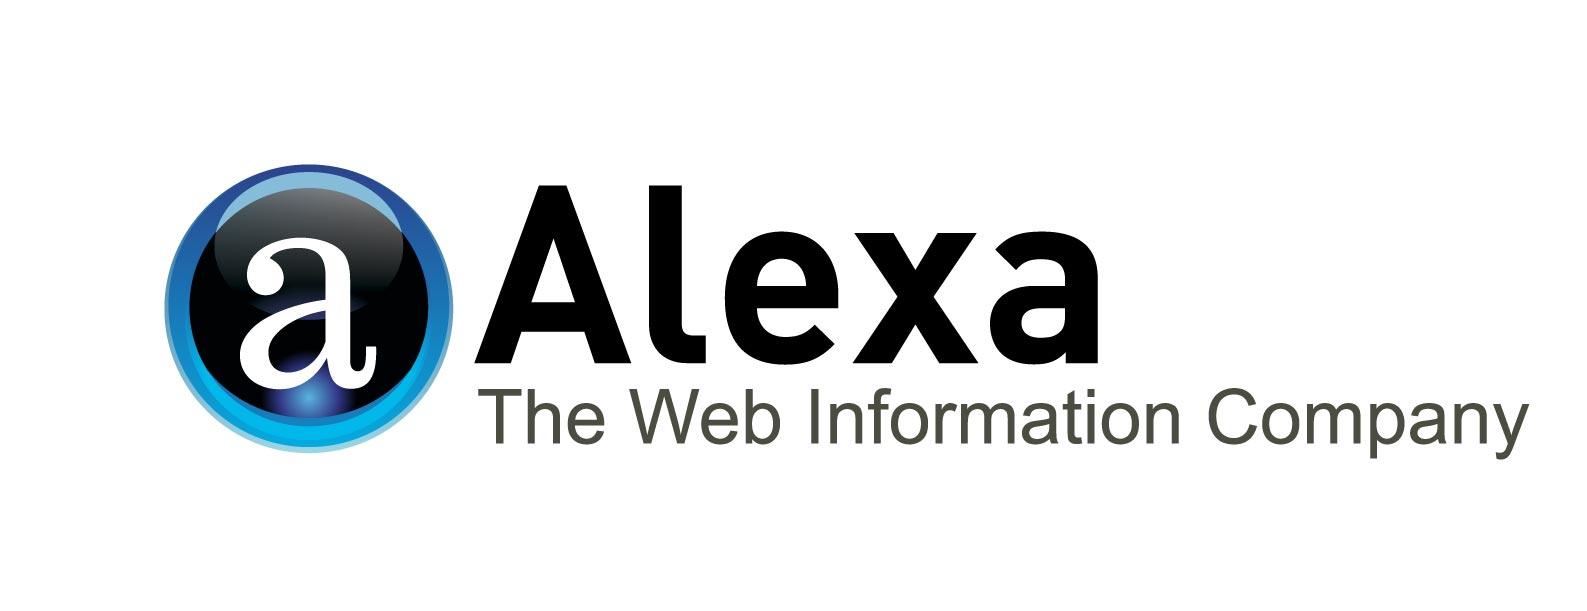 alexa web